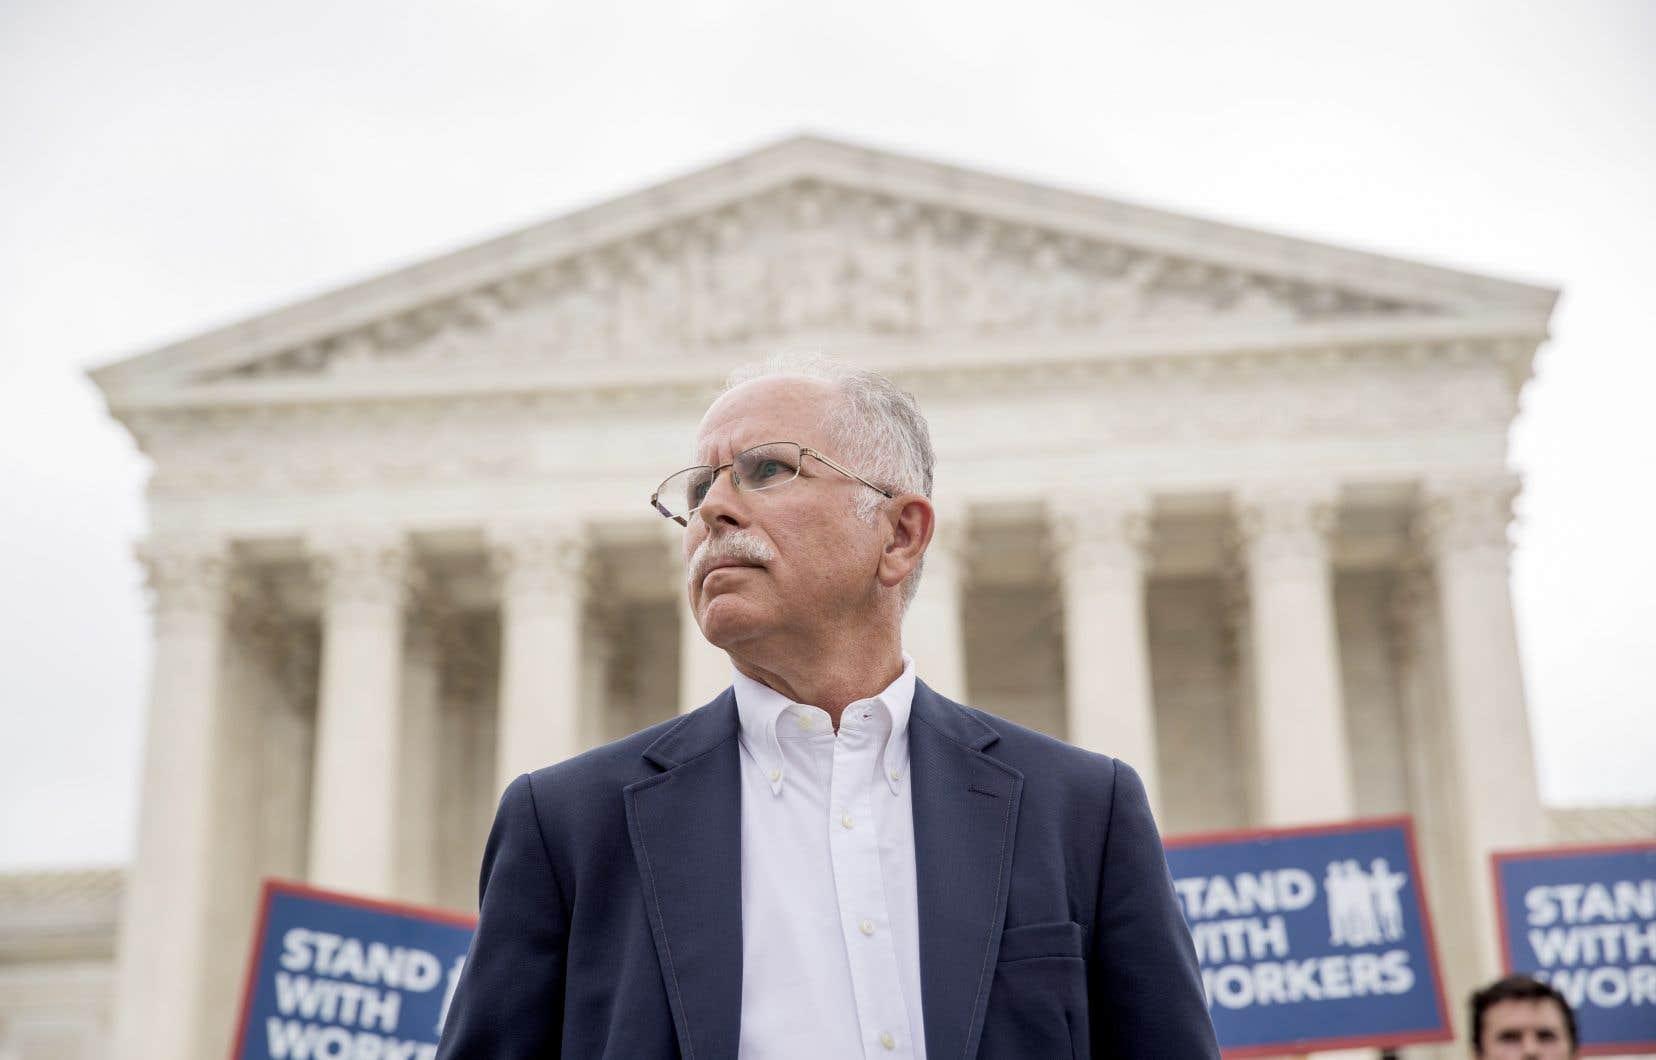 Cette action judiciaire avait été lancée par un simple fonctionnaire travaillant pour l'État américain de l'Illinois, Mark Janus, employé au service de protection de la jeunesse de la Ville de Springfield.